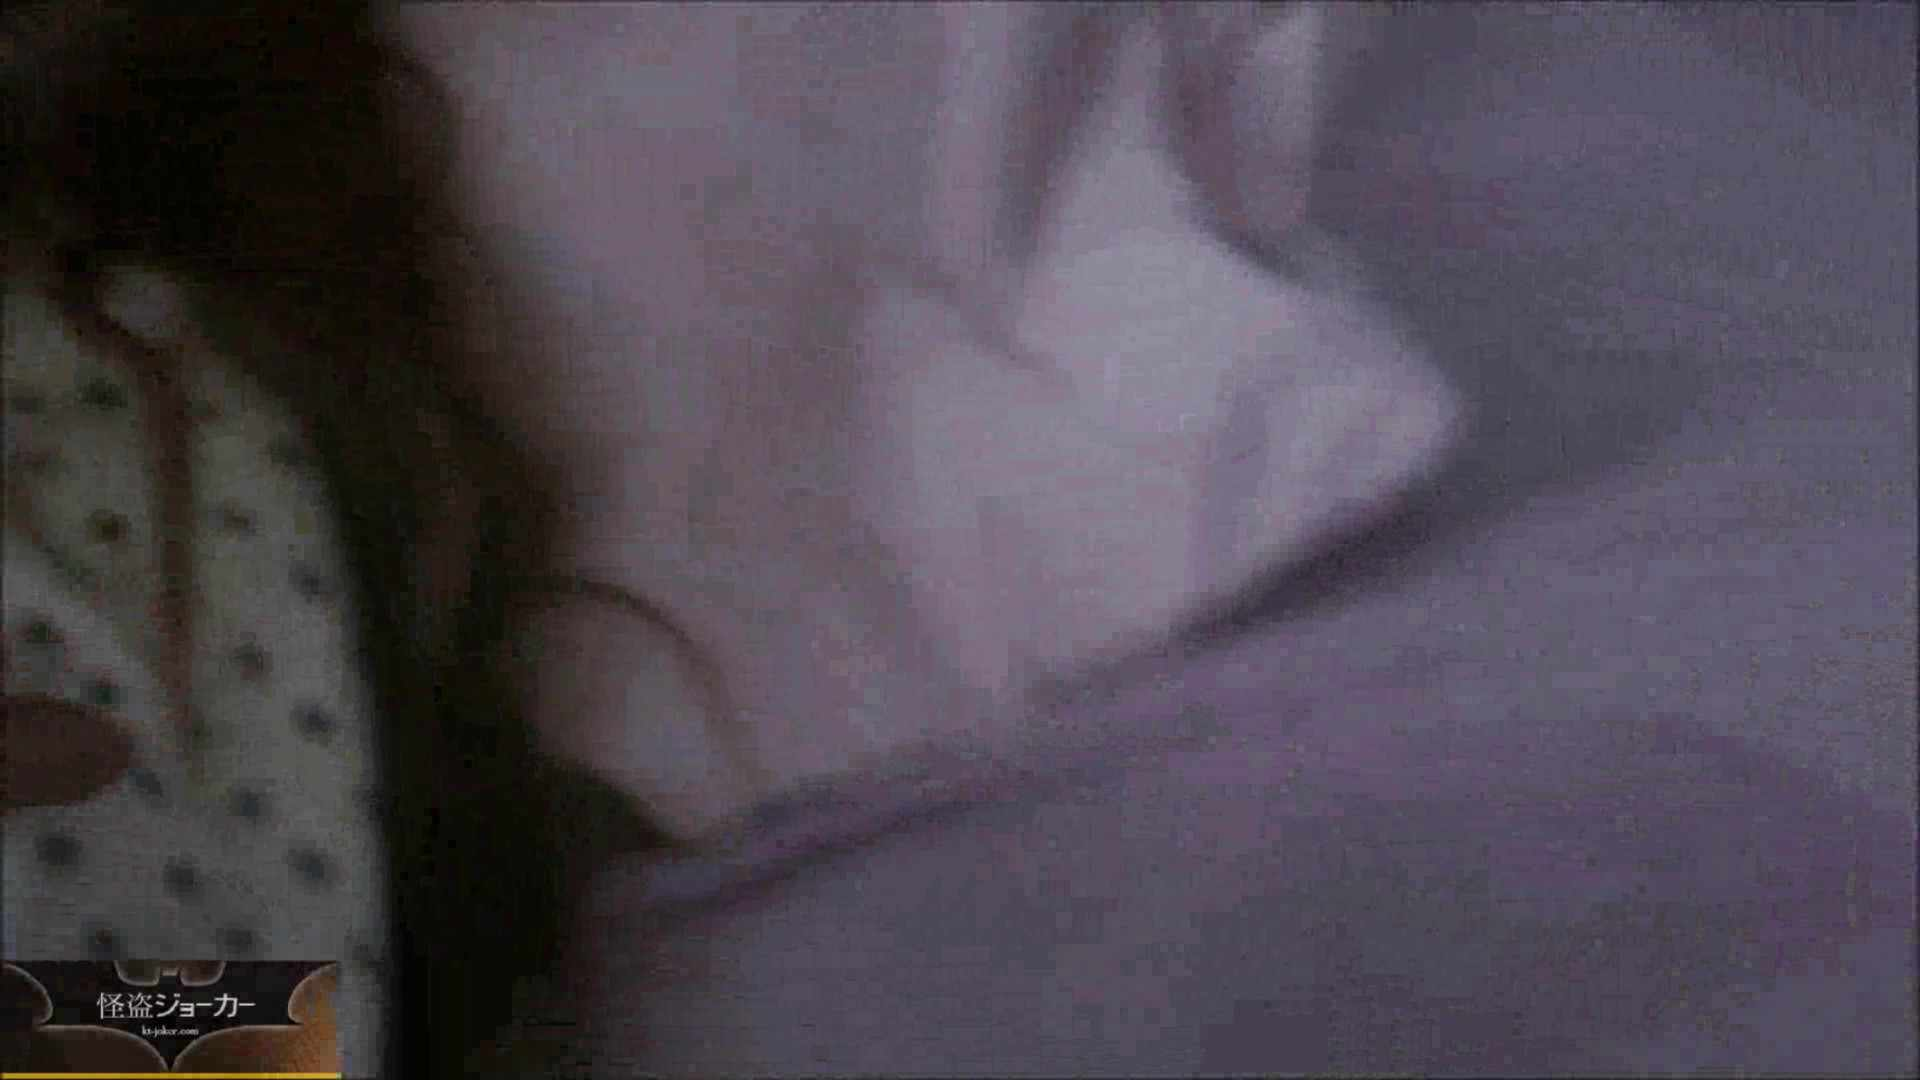 【未公開】vol.1 【ユリナの実女市・ヒトミ】若ママを目民らせて・・・ セックス おまんこ無修正動画無料 54画像 32